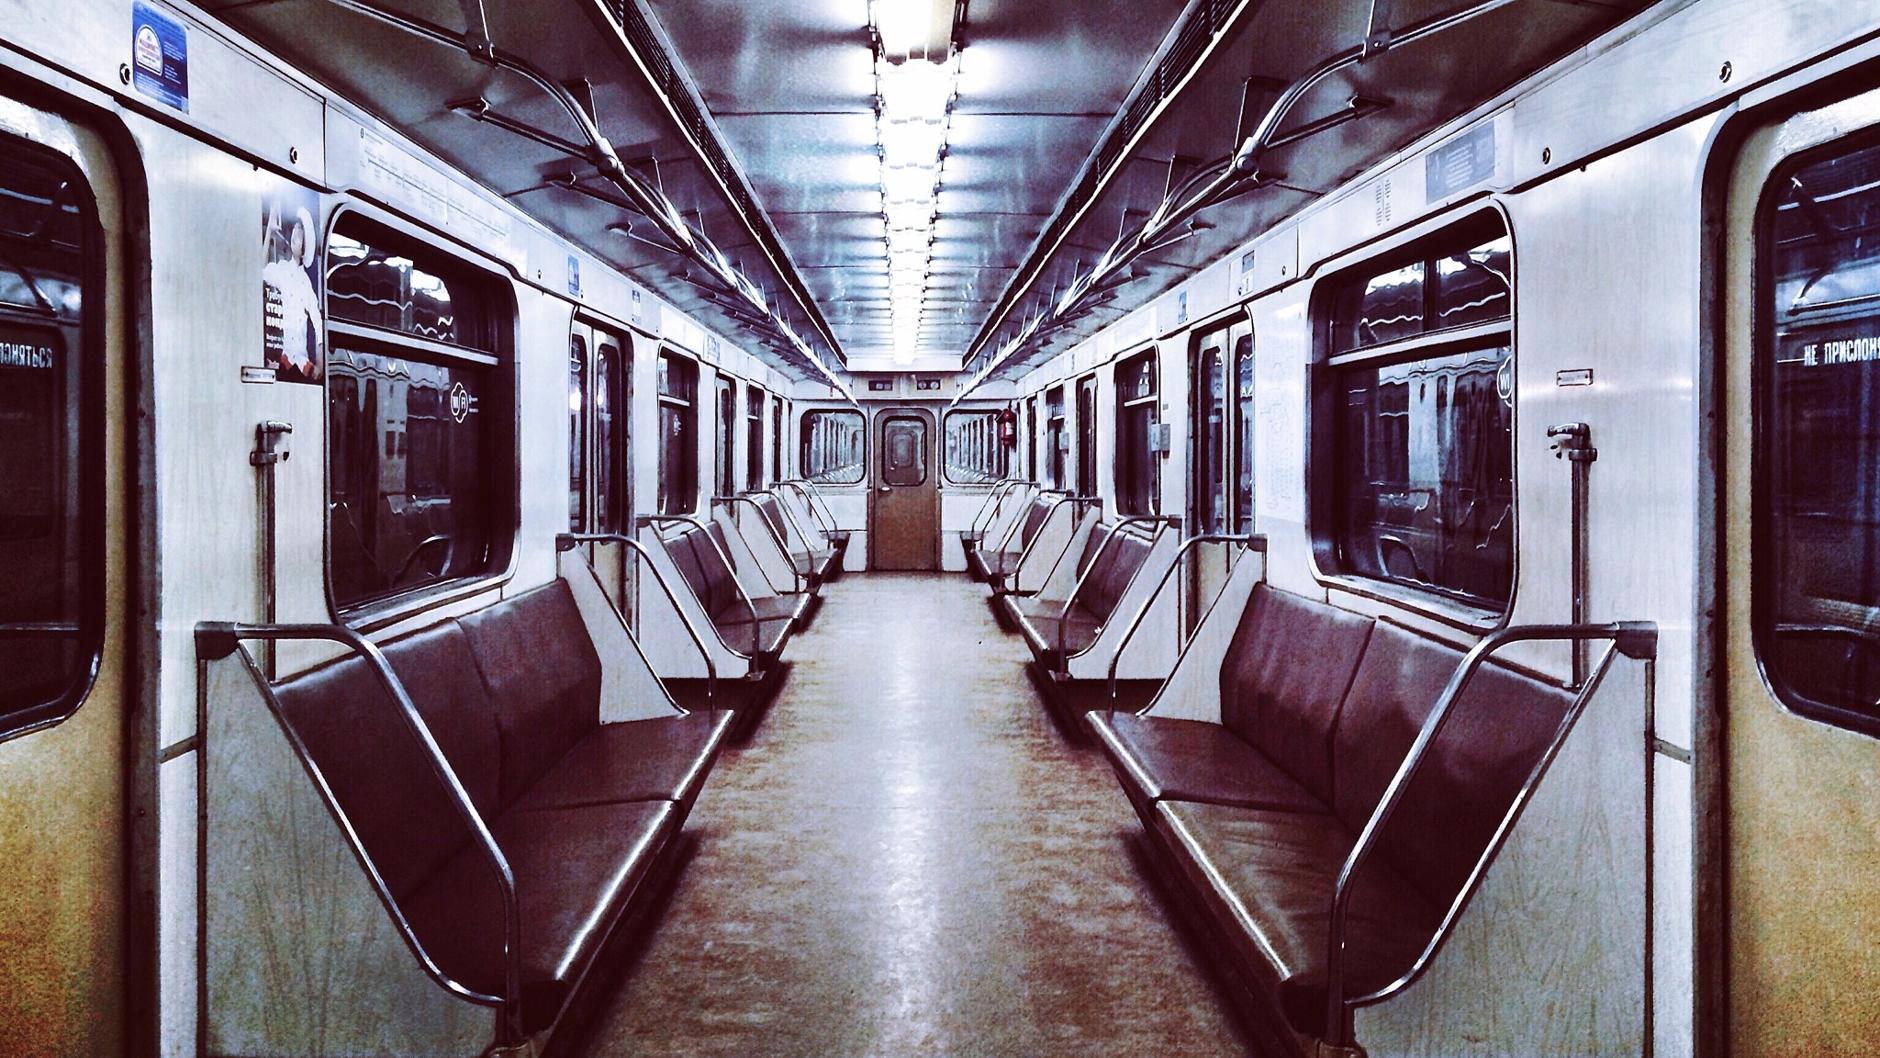 moscu-metro_mine_life_delirios